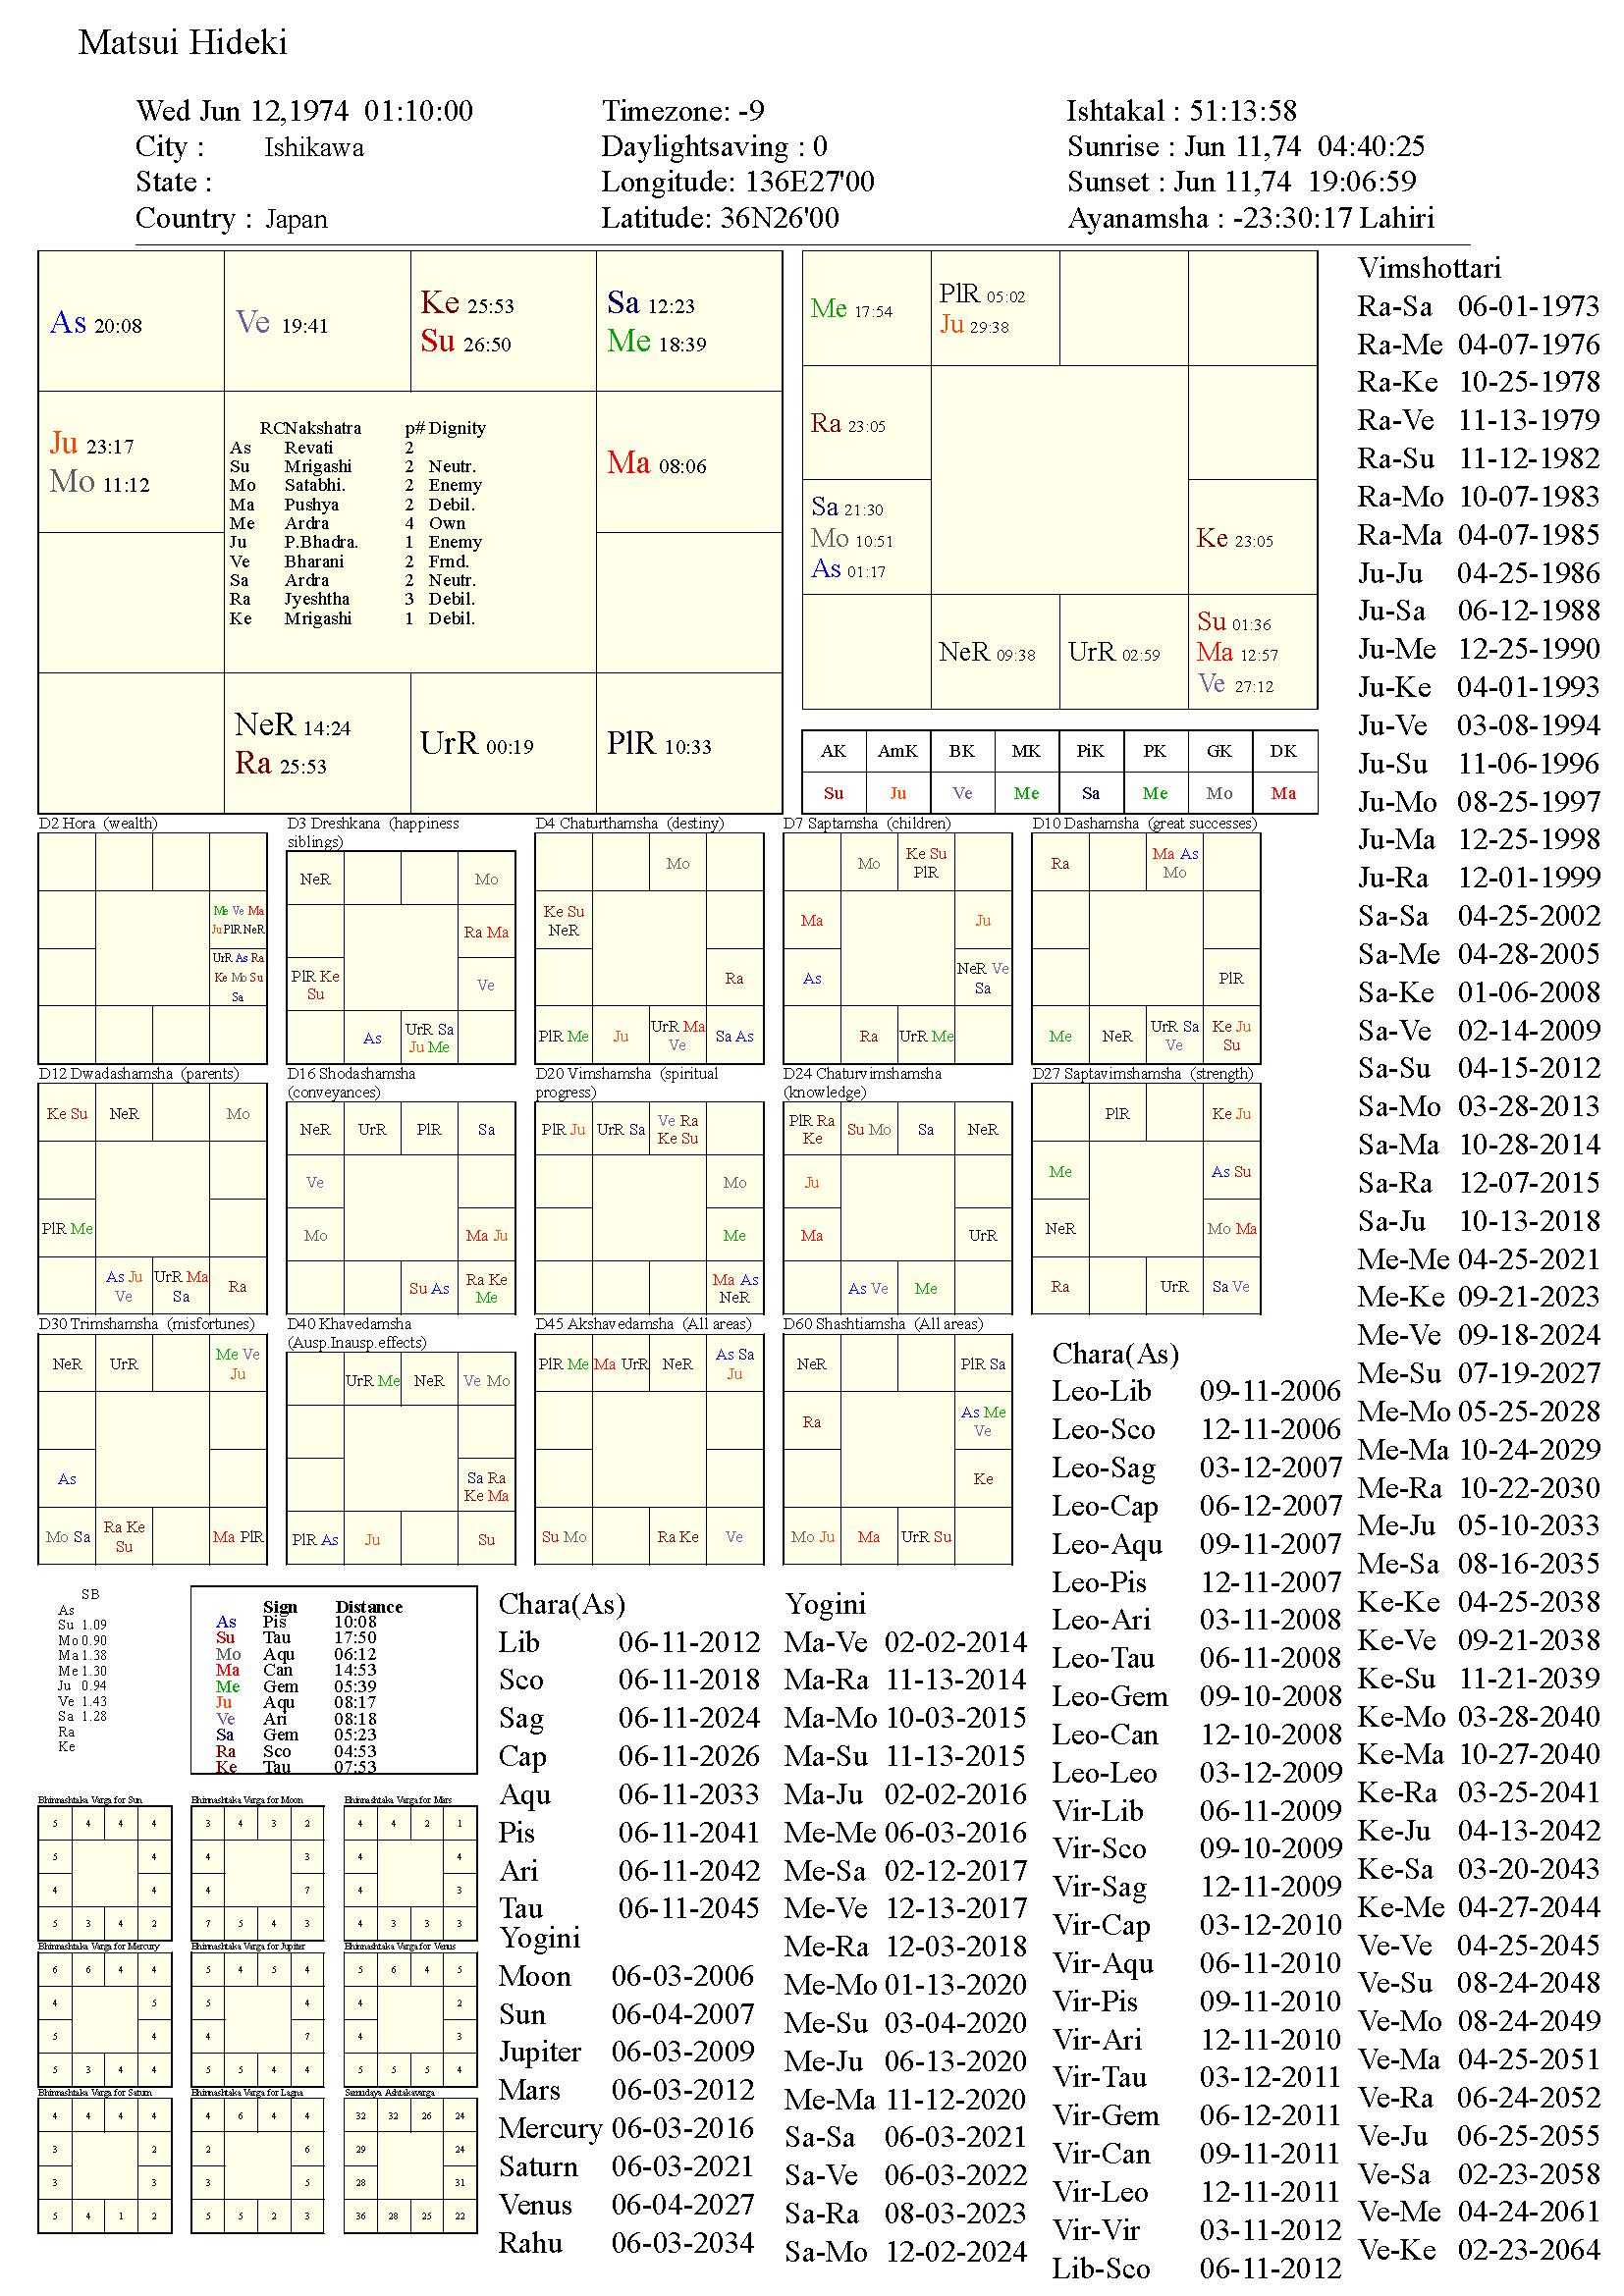 matsuihideki_chart